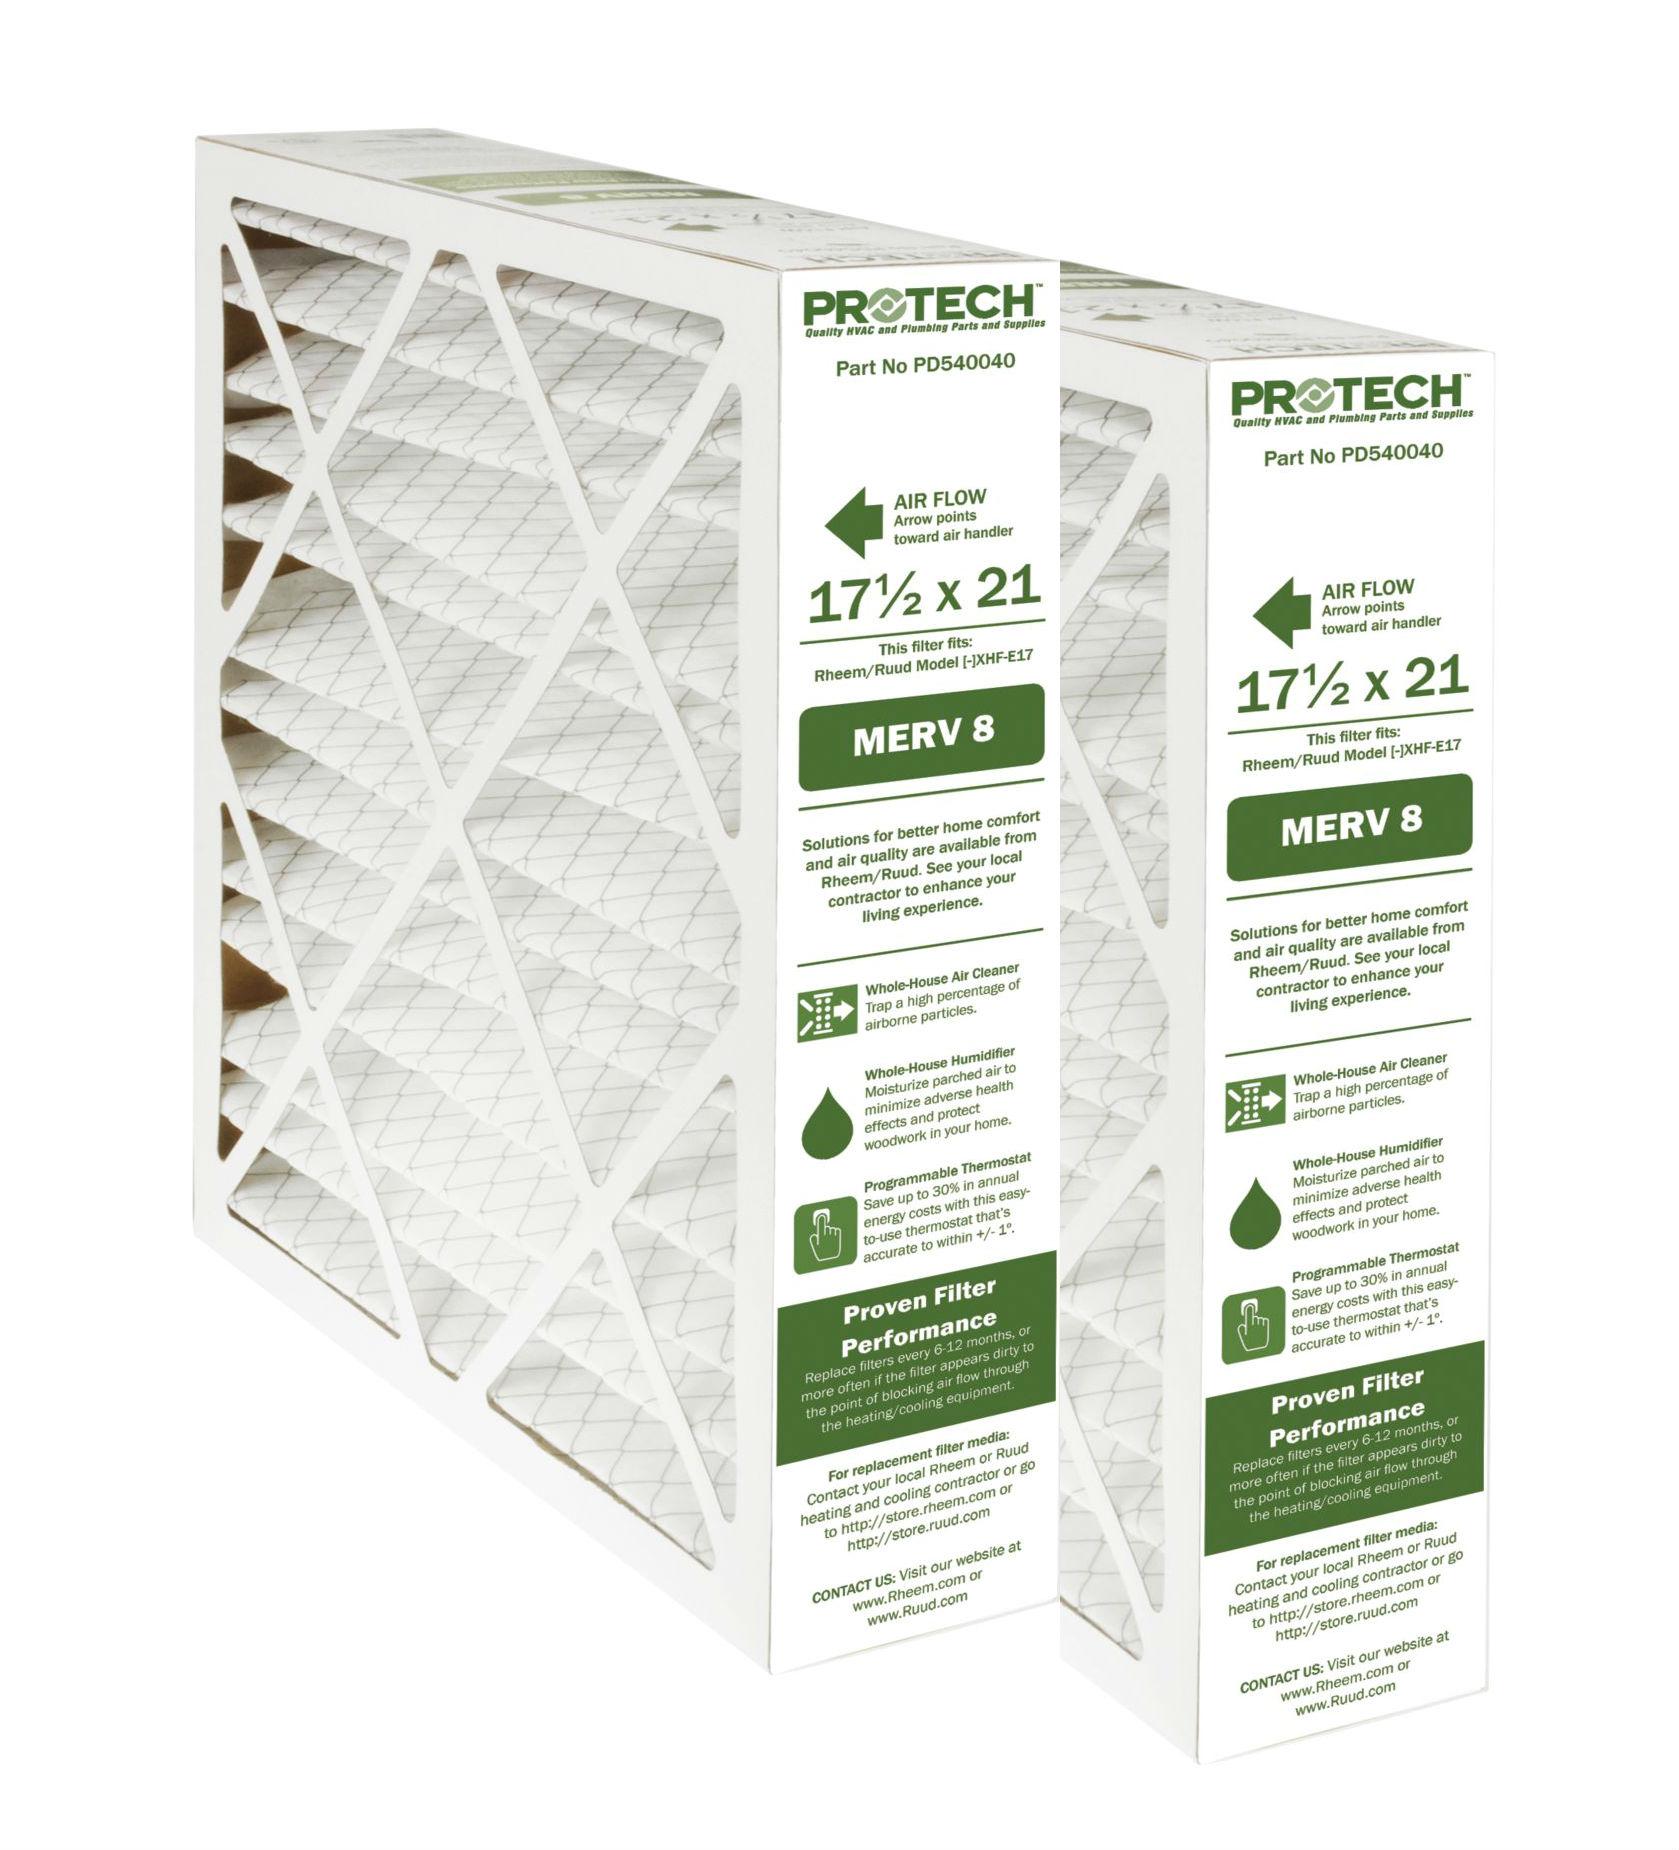 Protech MERV 8 Rheem-Ruud Replacement Filter 540040 2 Pk